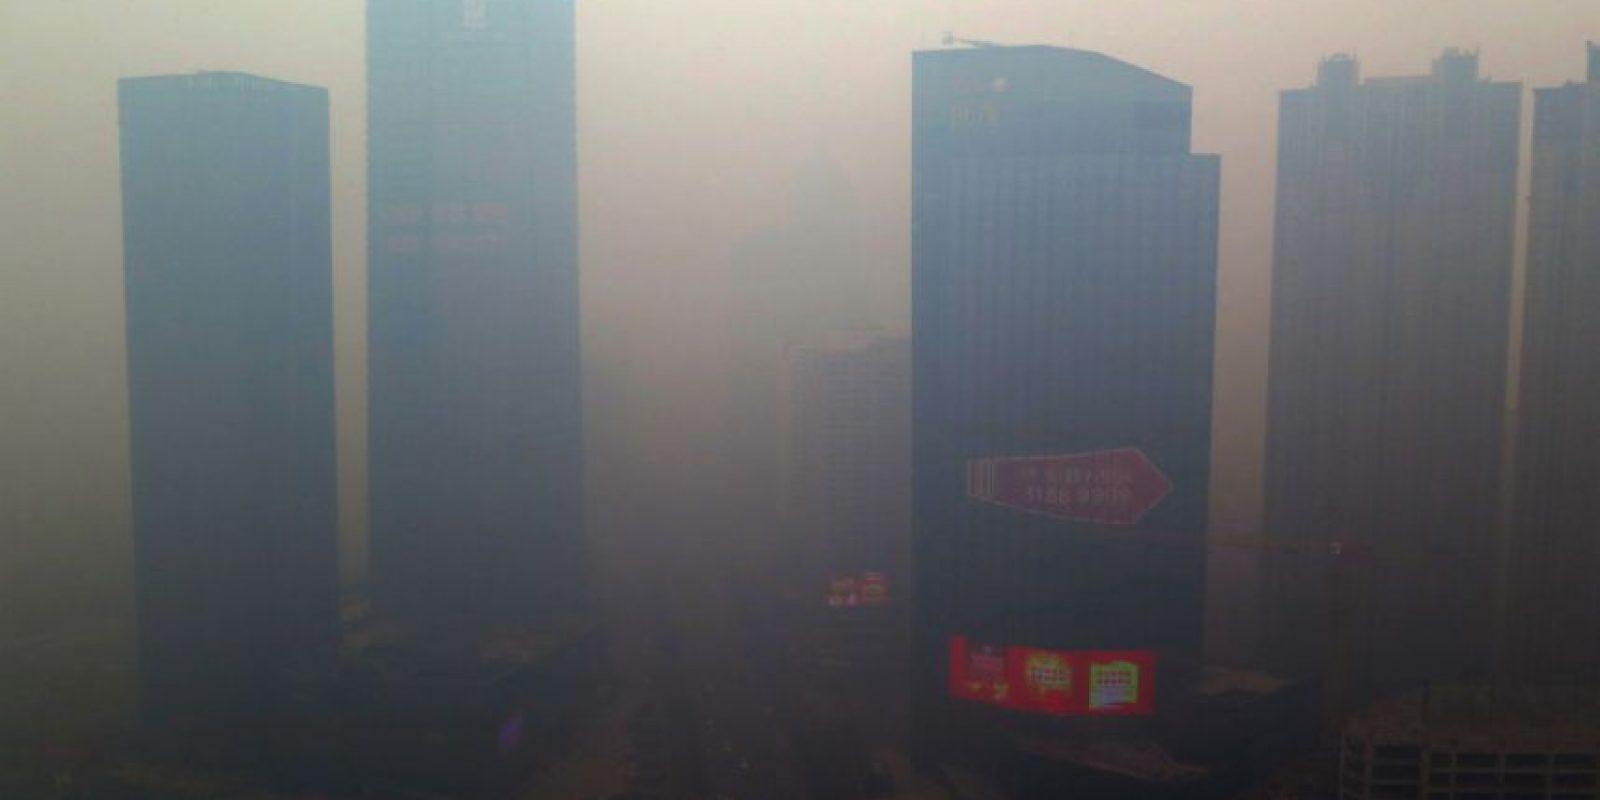 Esta semana la contaminación en China alcanzó niveles 56 veces más peligrosos que los que permite la OMS. Foto:AFP